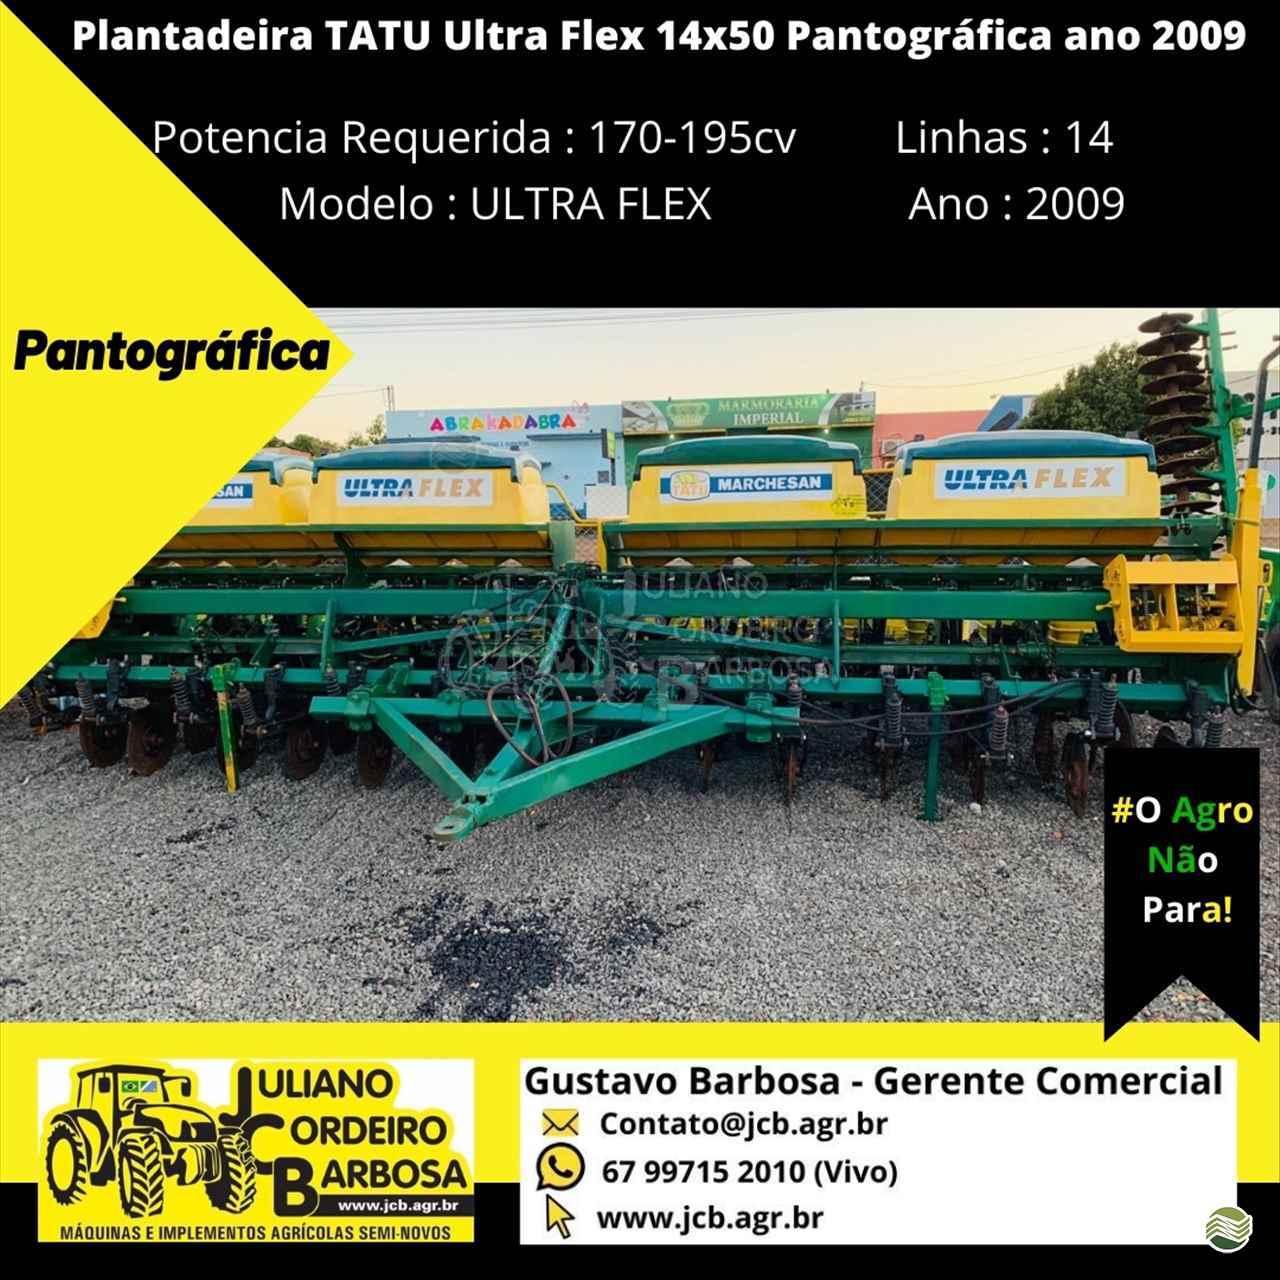 PLANTADEIRA TATU ULTRA FLEX JCB Máquinas e Implementos Agrícolas MARACAJU MATO GROSSO DO SUL MS